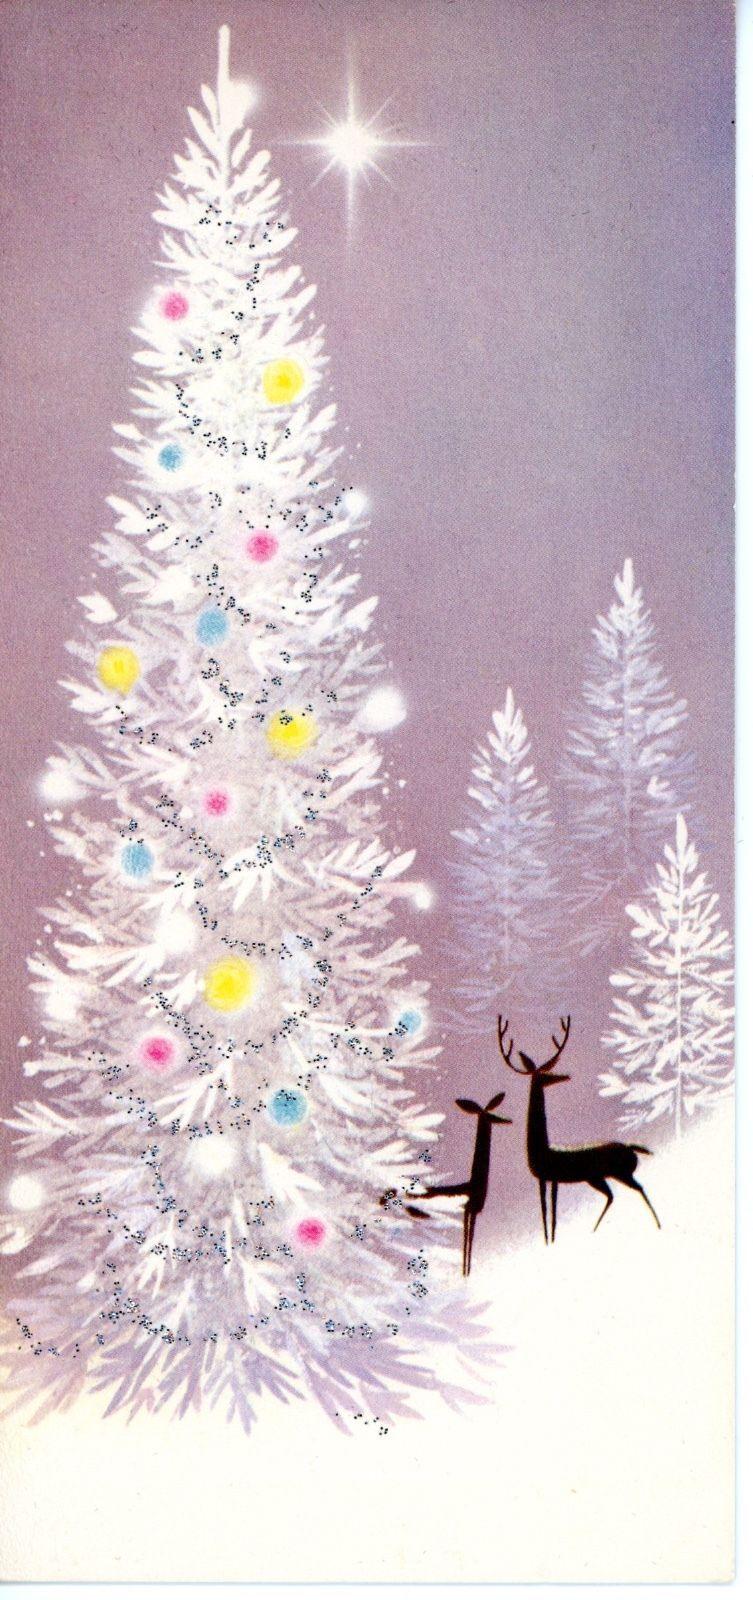 Vintage christmas greetings norcross christmas greeting card vintage christmas greetings norcross christmas greeting card kristyandbryce Image collections